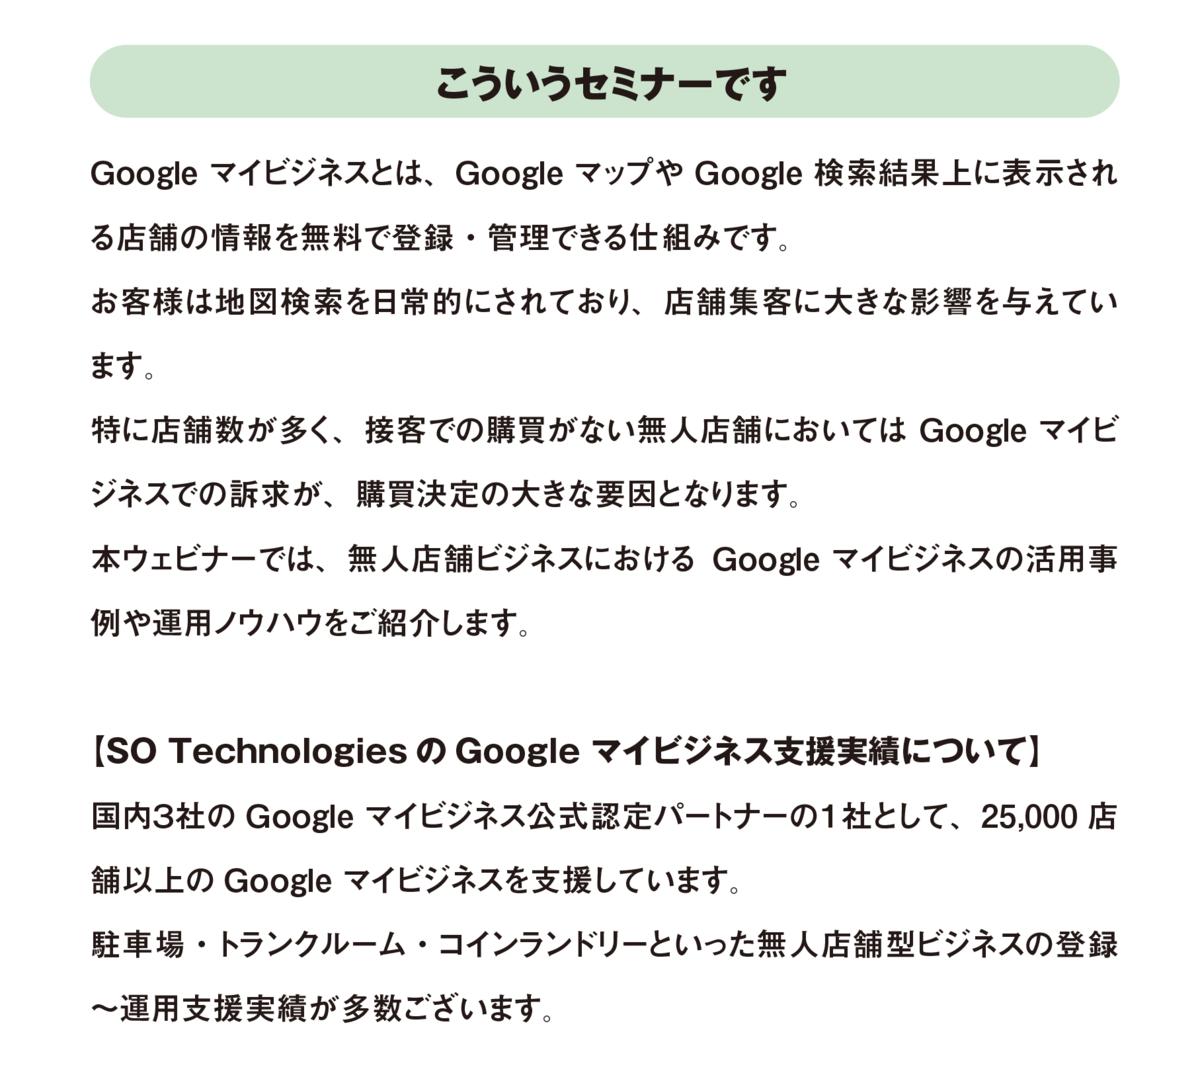 f:id:murakamihjm:20210202152838p:image